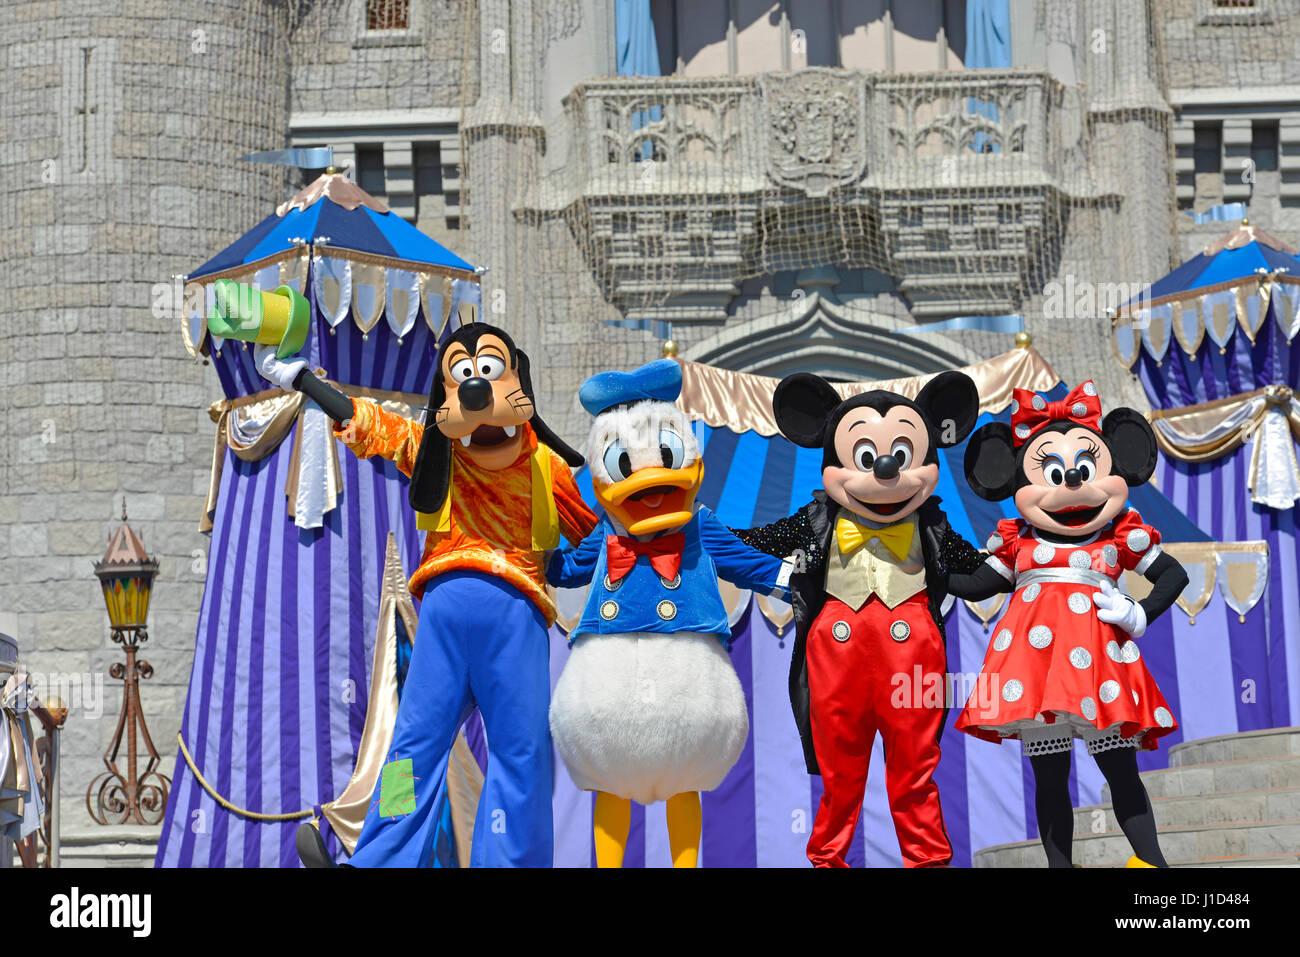 Los personajes de Disney, Mickey Minnie Goofy Donald Duck, Cinderella Castle en el Magic Kingdom, Disney World Resort, Orlando, Florida Foto de stock